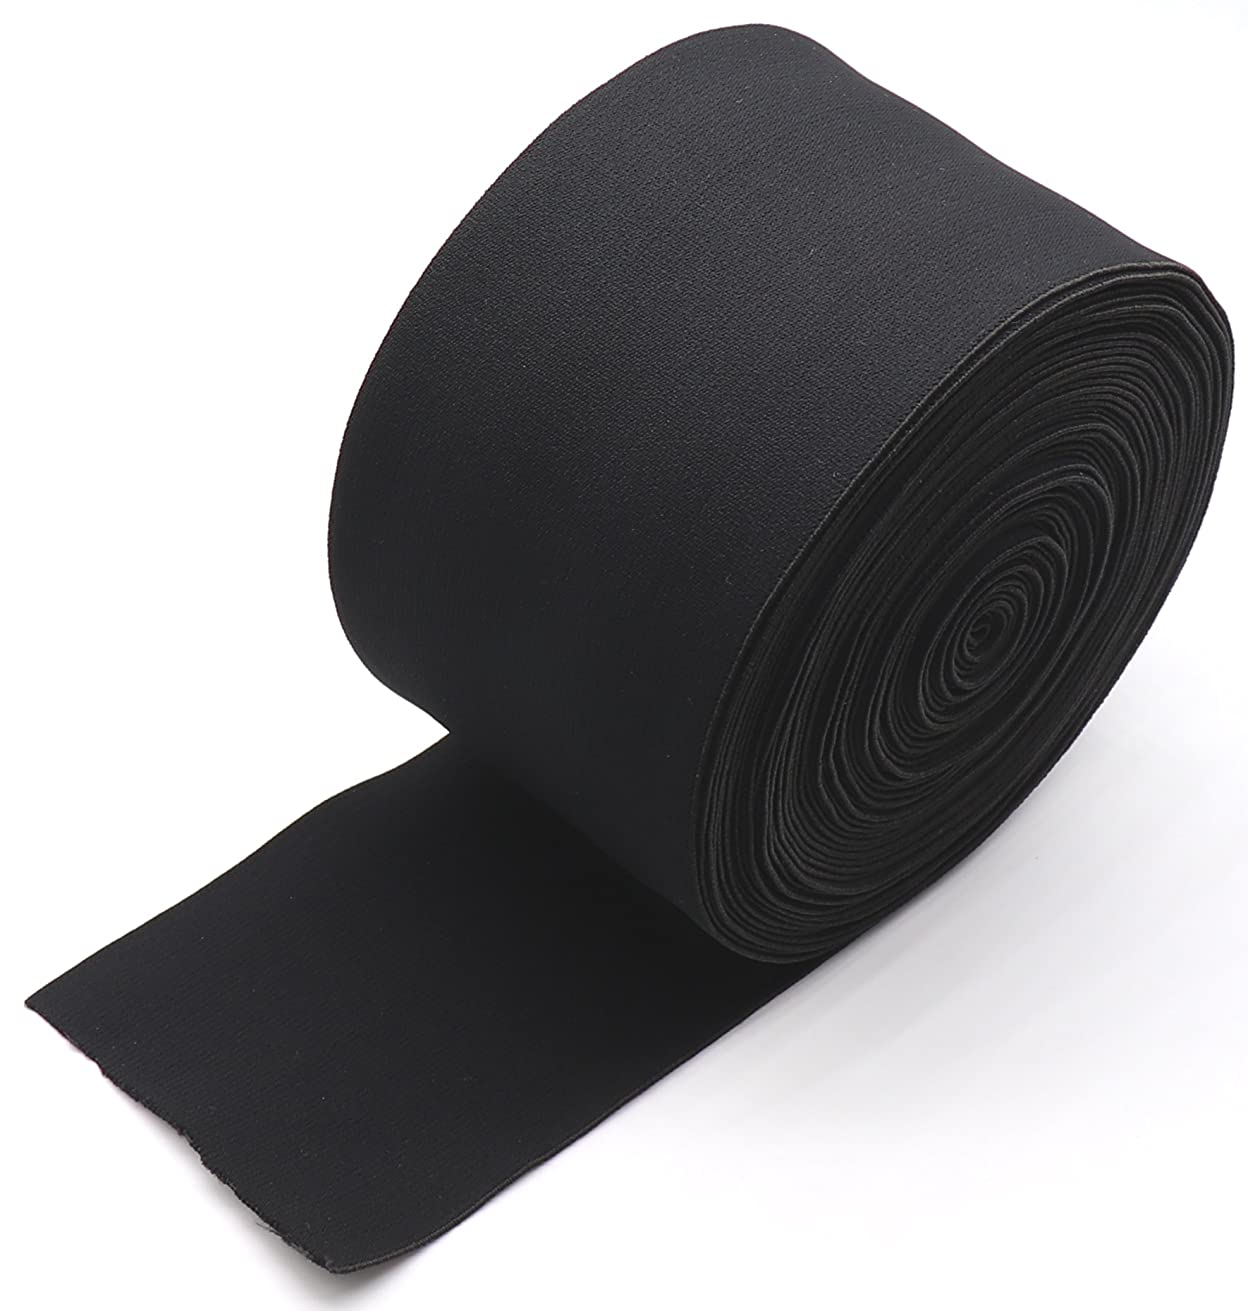 10cm/4 Inch Black Springy Stretch Knitting Elastic Spool Elastic Bands, 13.89 Yard High Elasticity Heavy Stretch Sewing